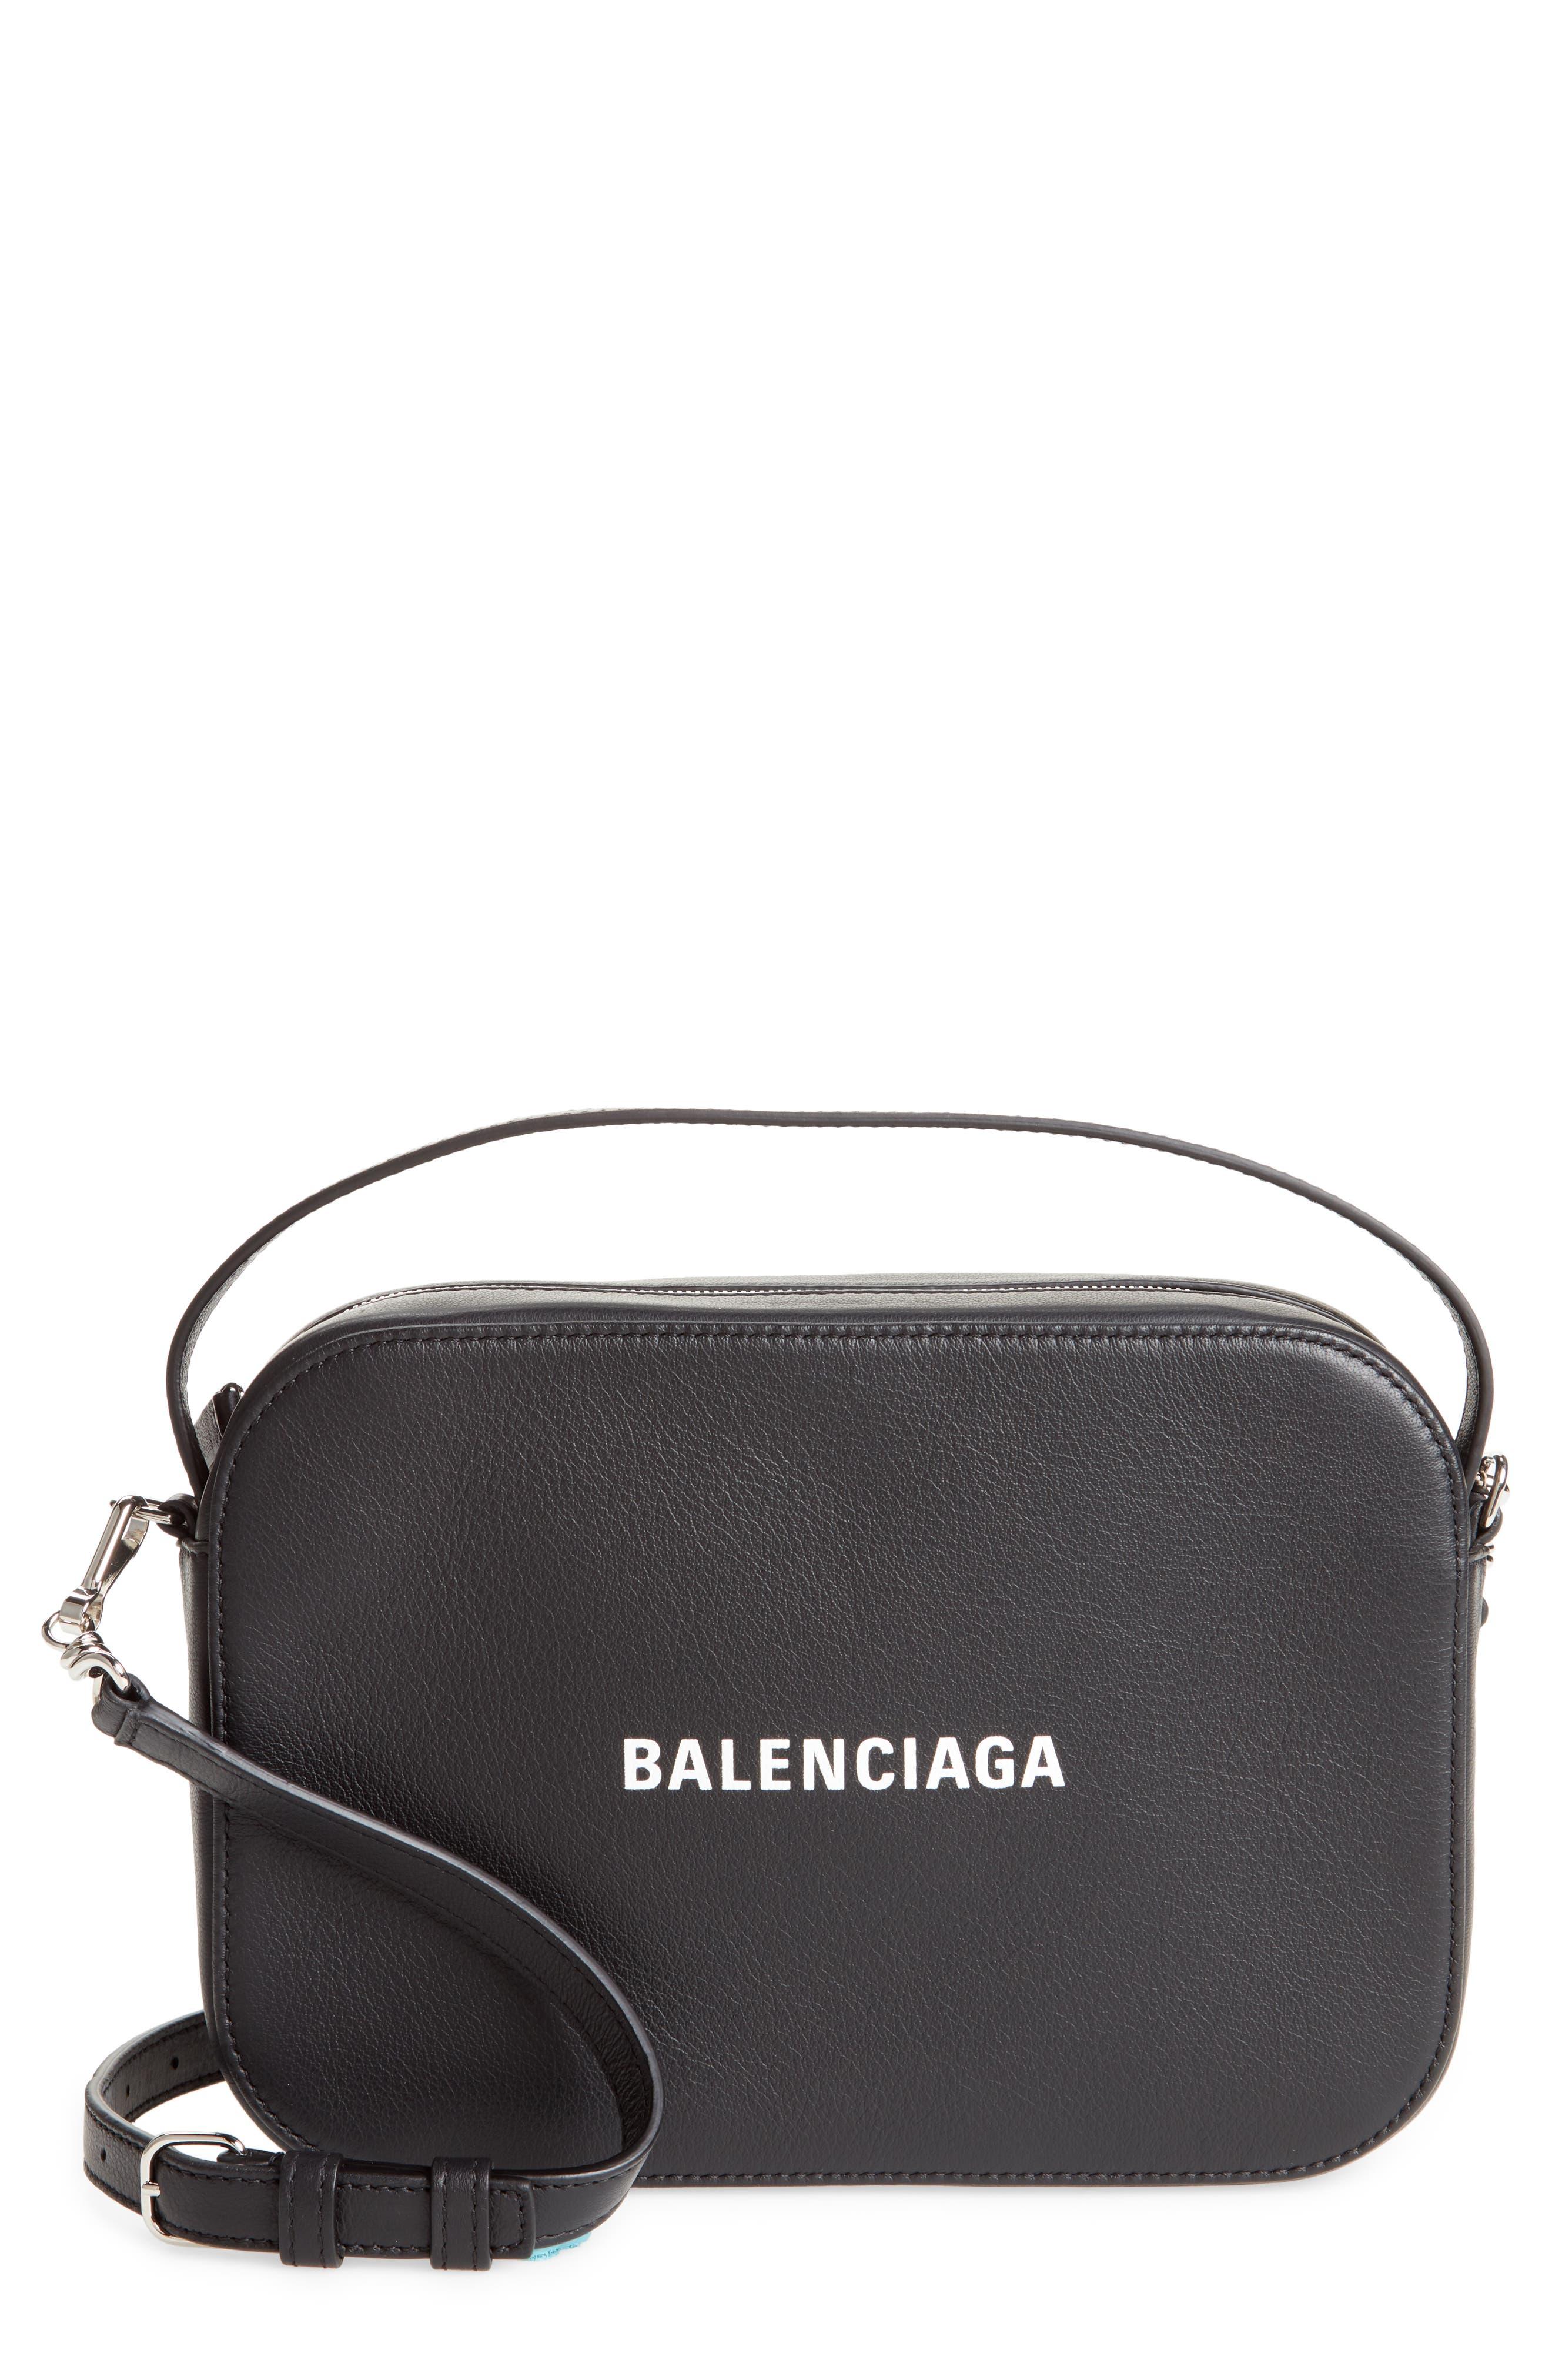 Women's Balenciaga Handbags   Nordstrom